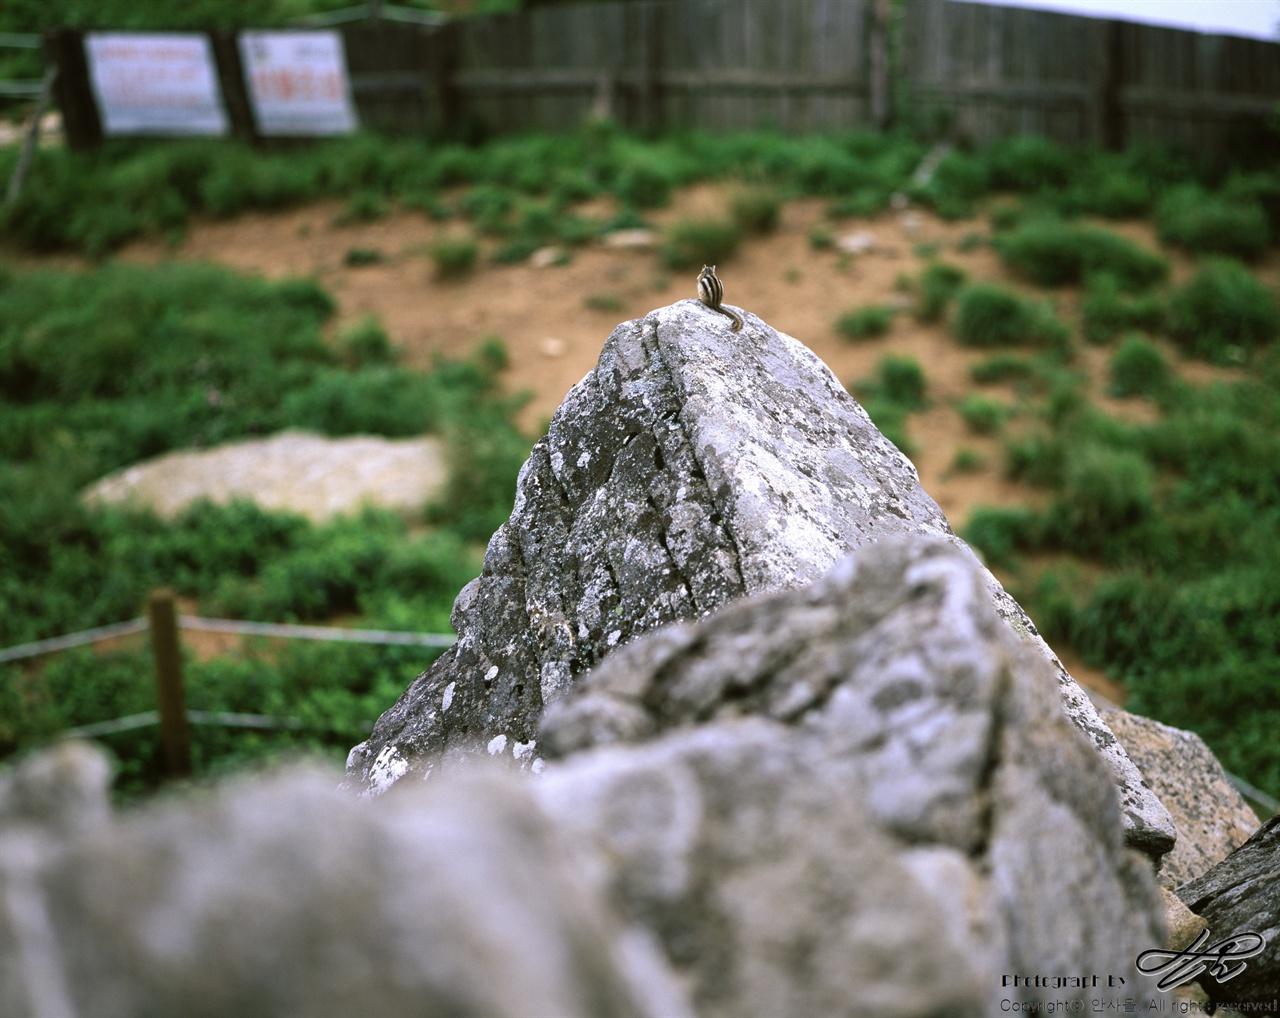 함백산 다람쥐 (67ii/Veivia100)사색에 잠긴 다람쥐. 망원렌즈로 갈아 끼울 동안 자리를 지켜주어서 참 고마웠다.